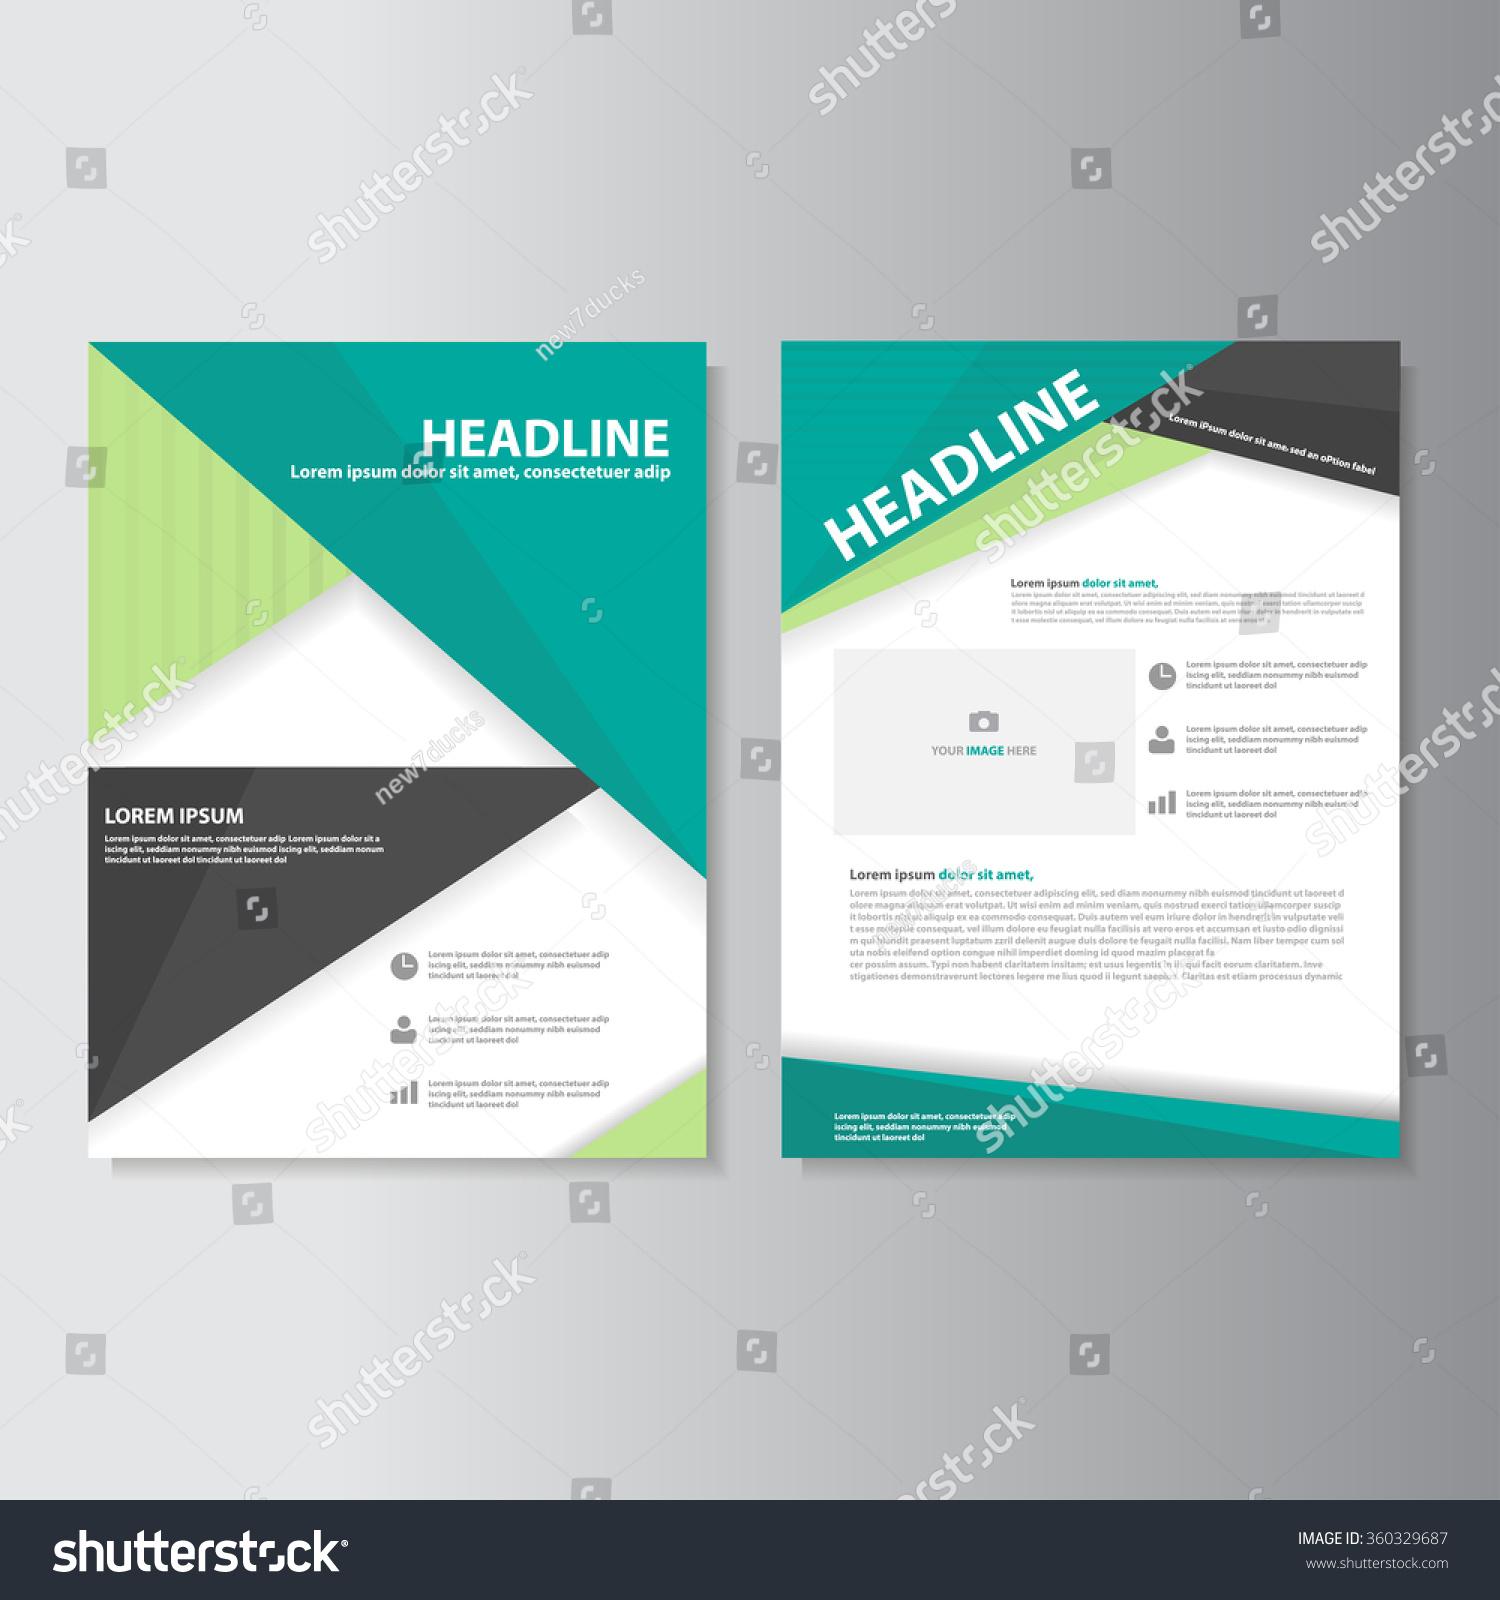 blue brochure a4 flyer leaflet template set for marketing and blue brochure a4 flyer leaflet template set for marketing and advertising